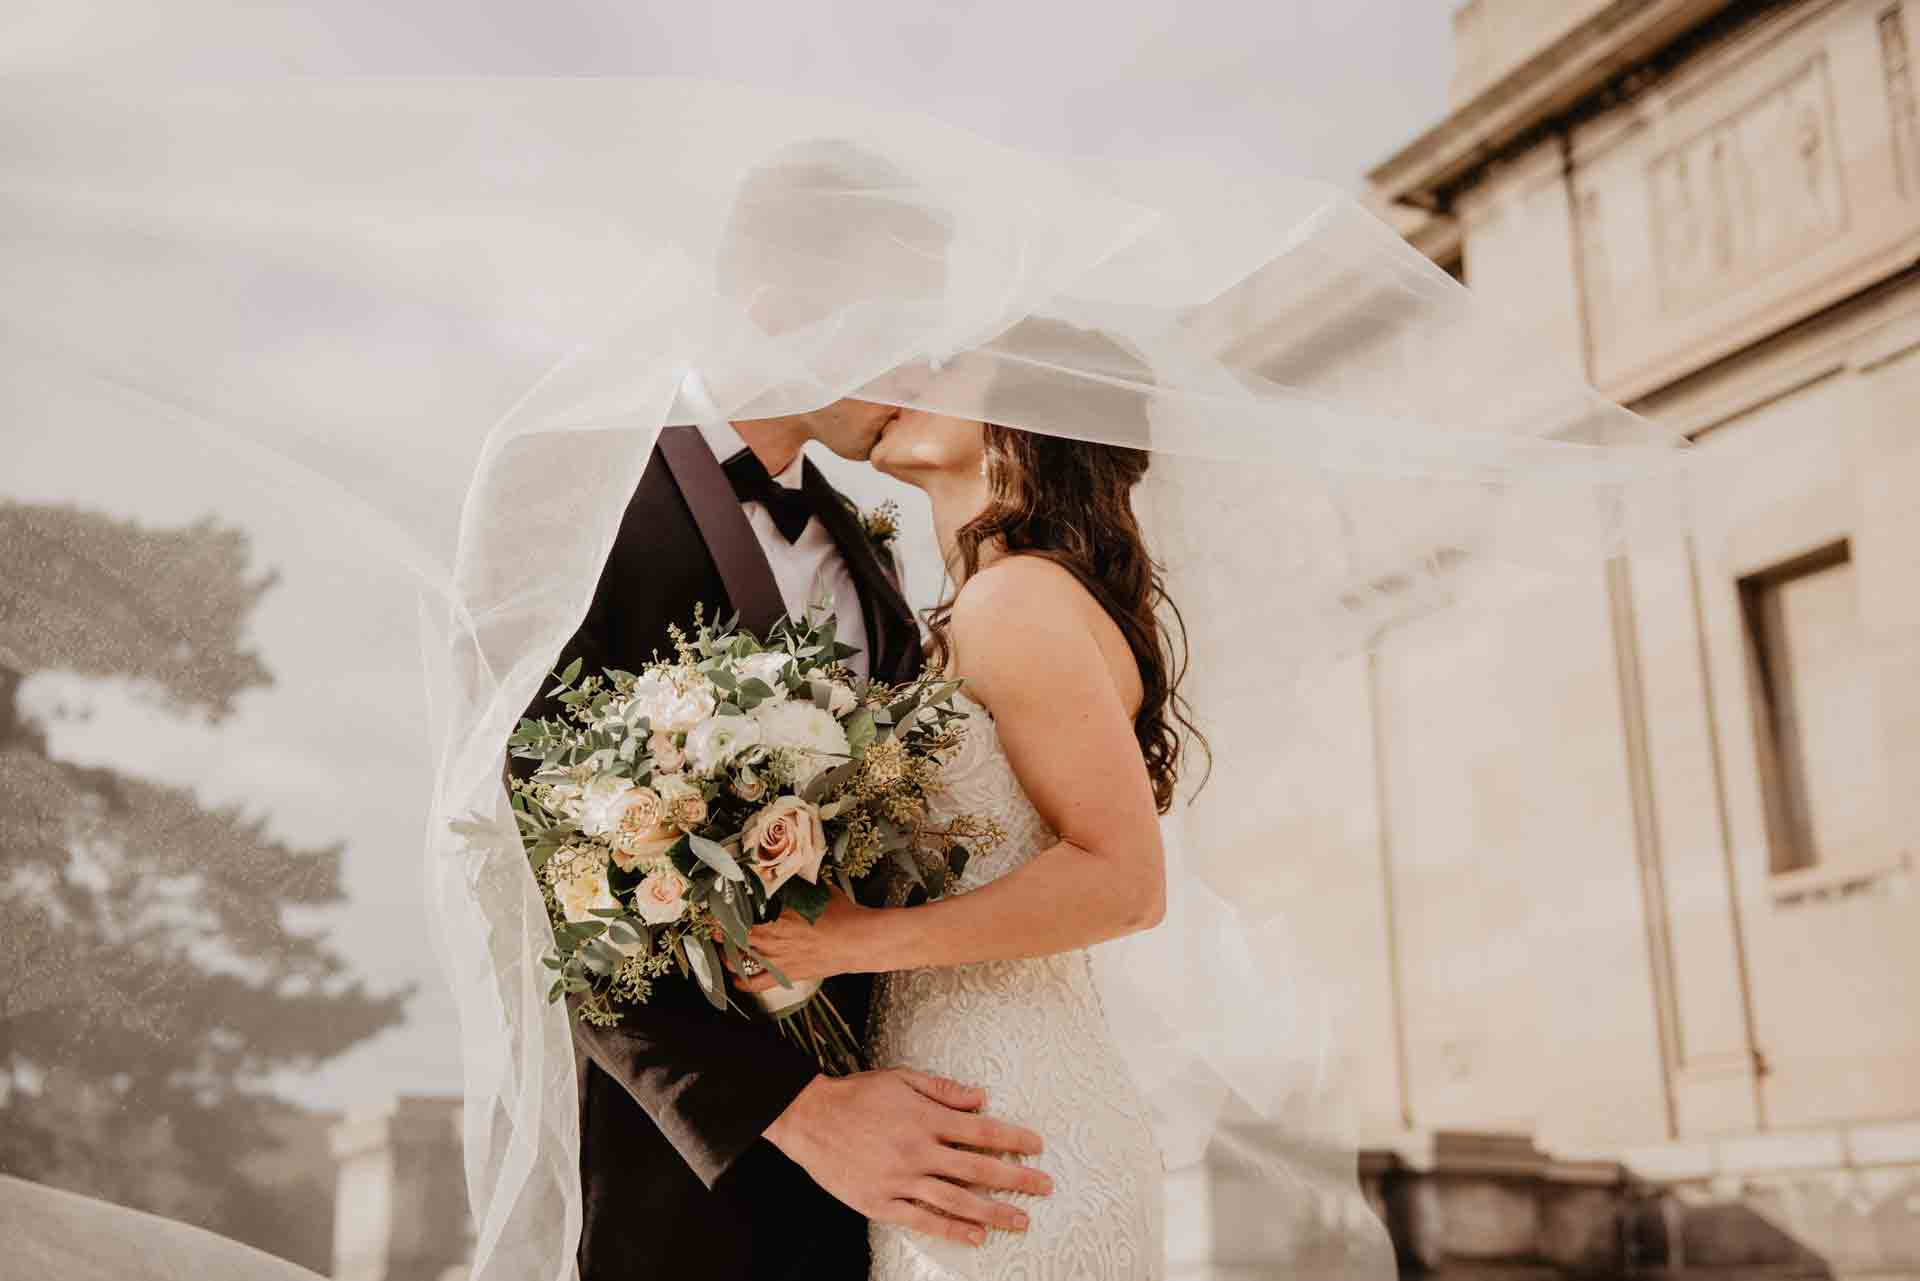 Kredit Hochzeit